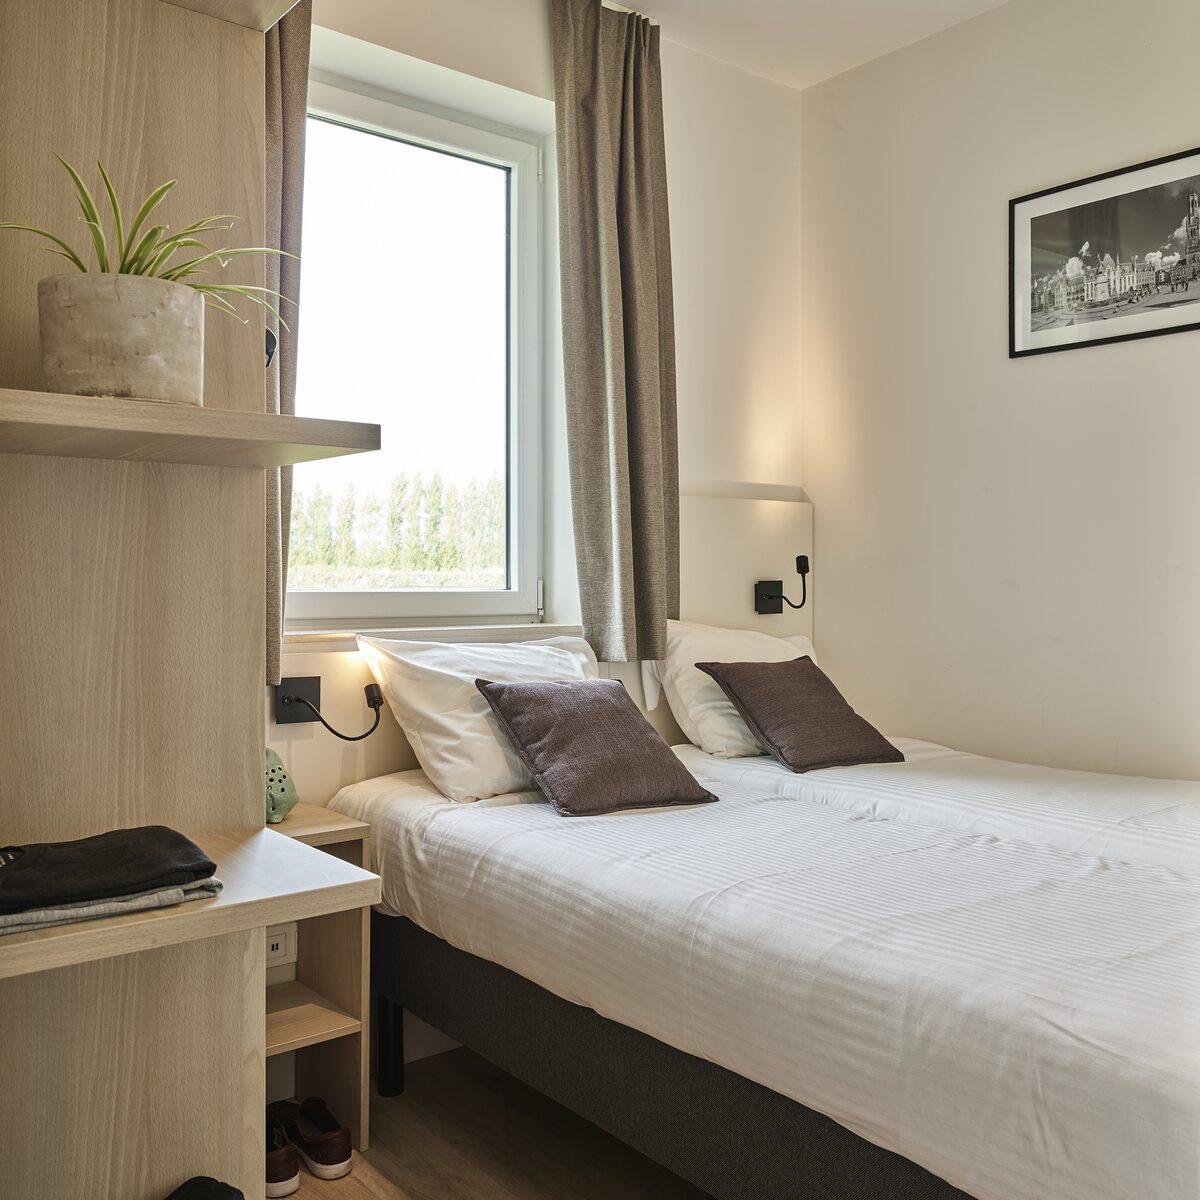 Comfort Suite - 4p | Bedroom - Sofa bed